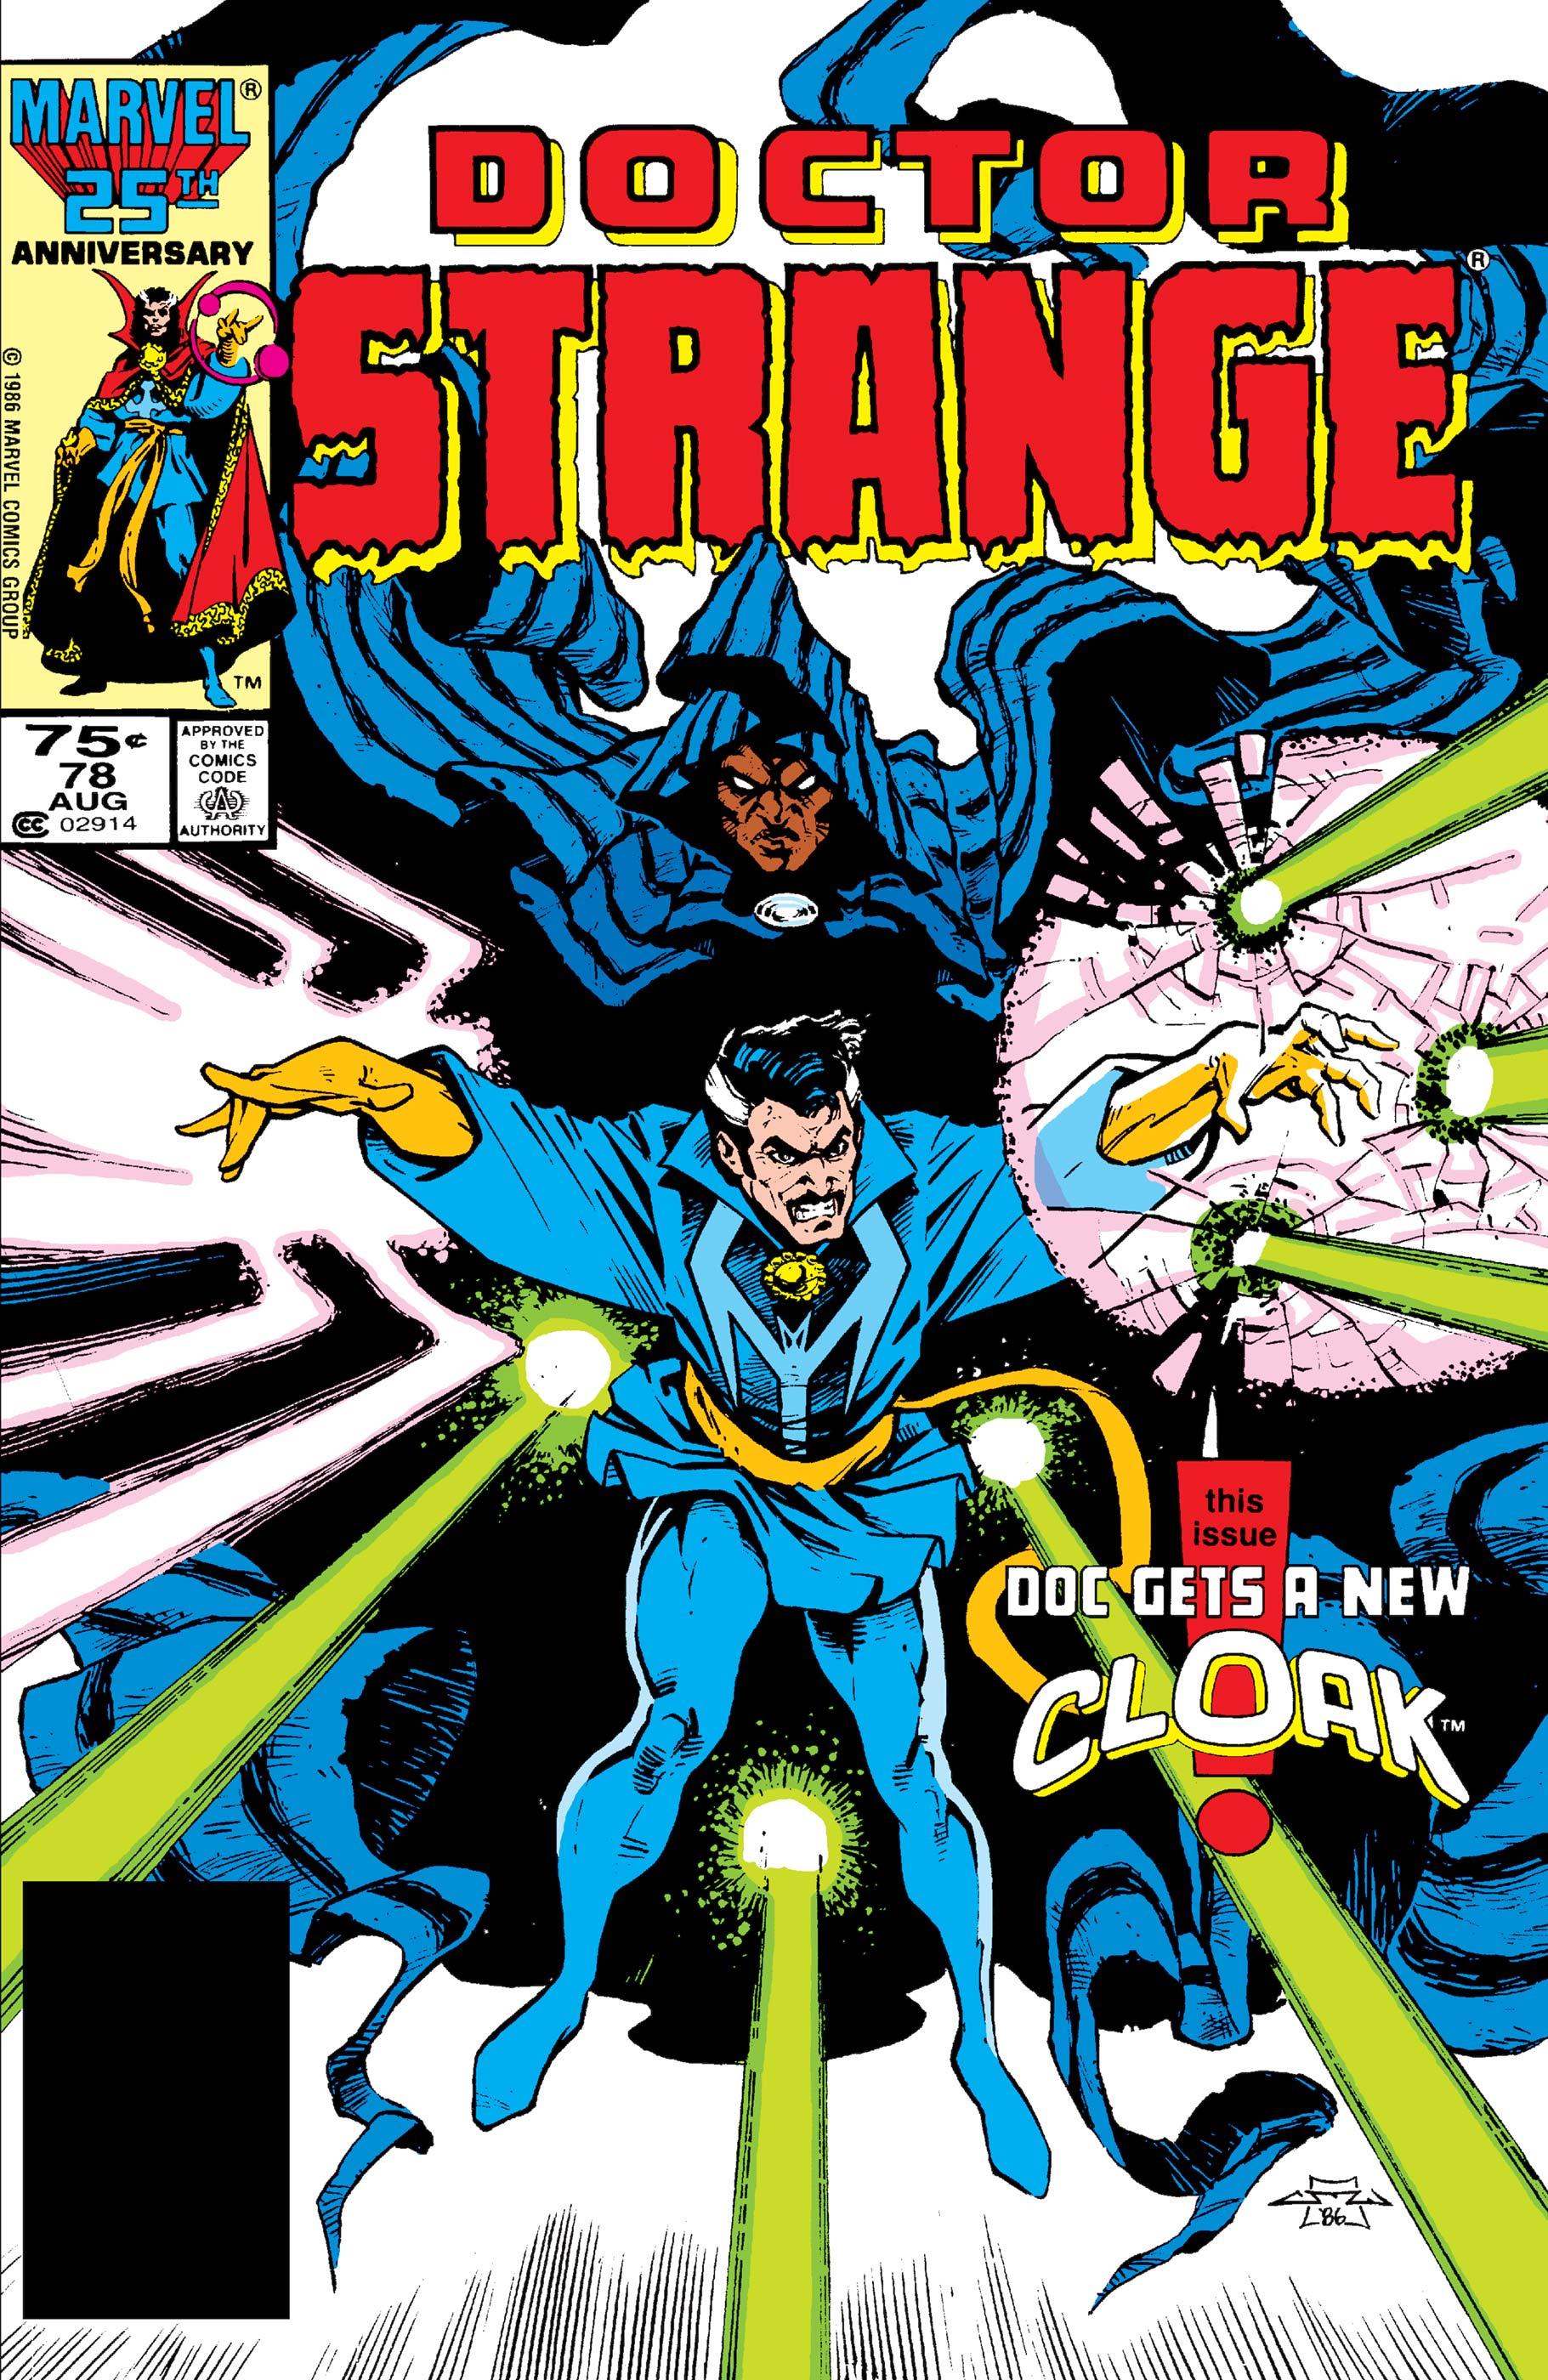 Doctor Strange (1974) #78